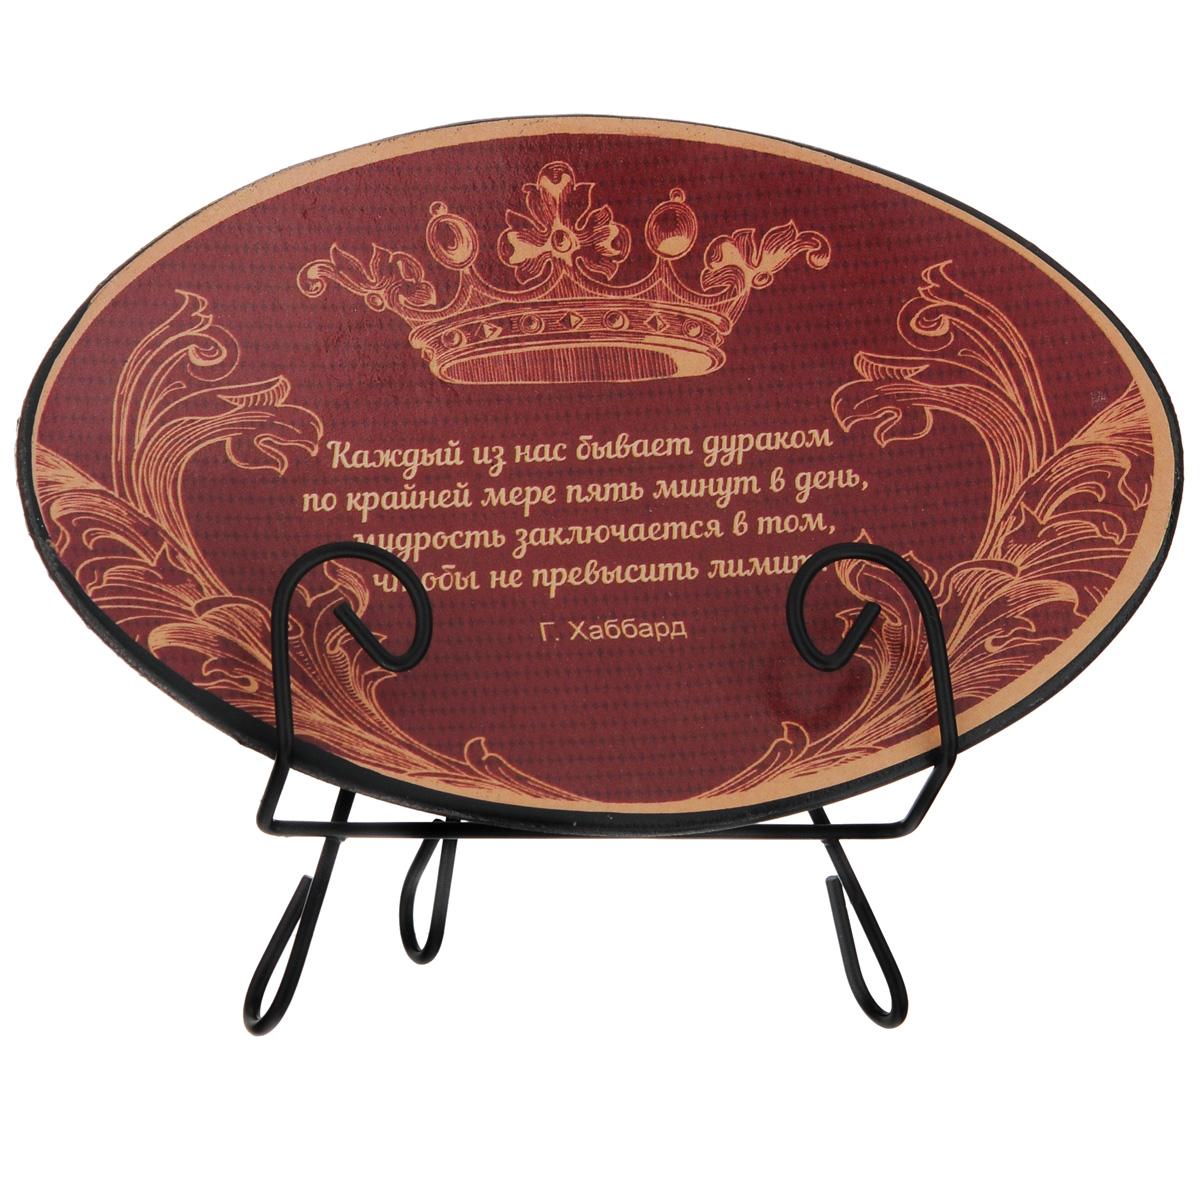 Тарелка декоративная Г. Хаббард, на подставке, 15 см х 10 см36243Декоративная тарелка на подставке станет прекрасным дополнением к декору практически любого помещения, будь то кухня, столовая, гостиная, холл или рабочий кабинет. Тарелка выполнена из доломитовой керамики, подставка в виде треноги, благодаря которой сувенир удобно и быстро располагается на любой горизонтальной поверхности, - из черного металла. Поверхность декорирована изображением короны, а также цитатой Г.Хаббарда: Каждый из нас бывает дураком по крайней мере пять минут в день, мудрость заключается в том, чтобы не превысить лимит. Очаровательная декоративная тарелка - замечательный подарок друзьям и близким людям. Размер тарелки (без подставки): 15,2 см х 10 см х 1,5 см. Размер сувенира с подставкой: 15,2 см х 8 см х 12 см.